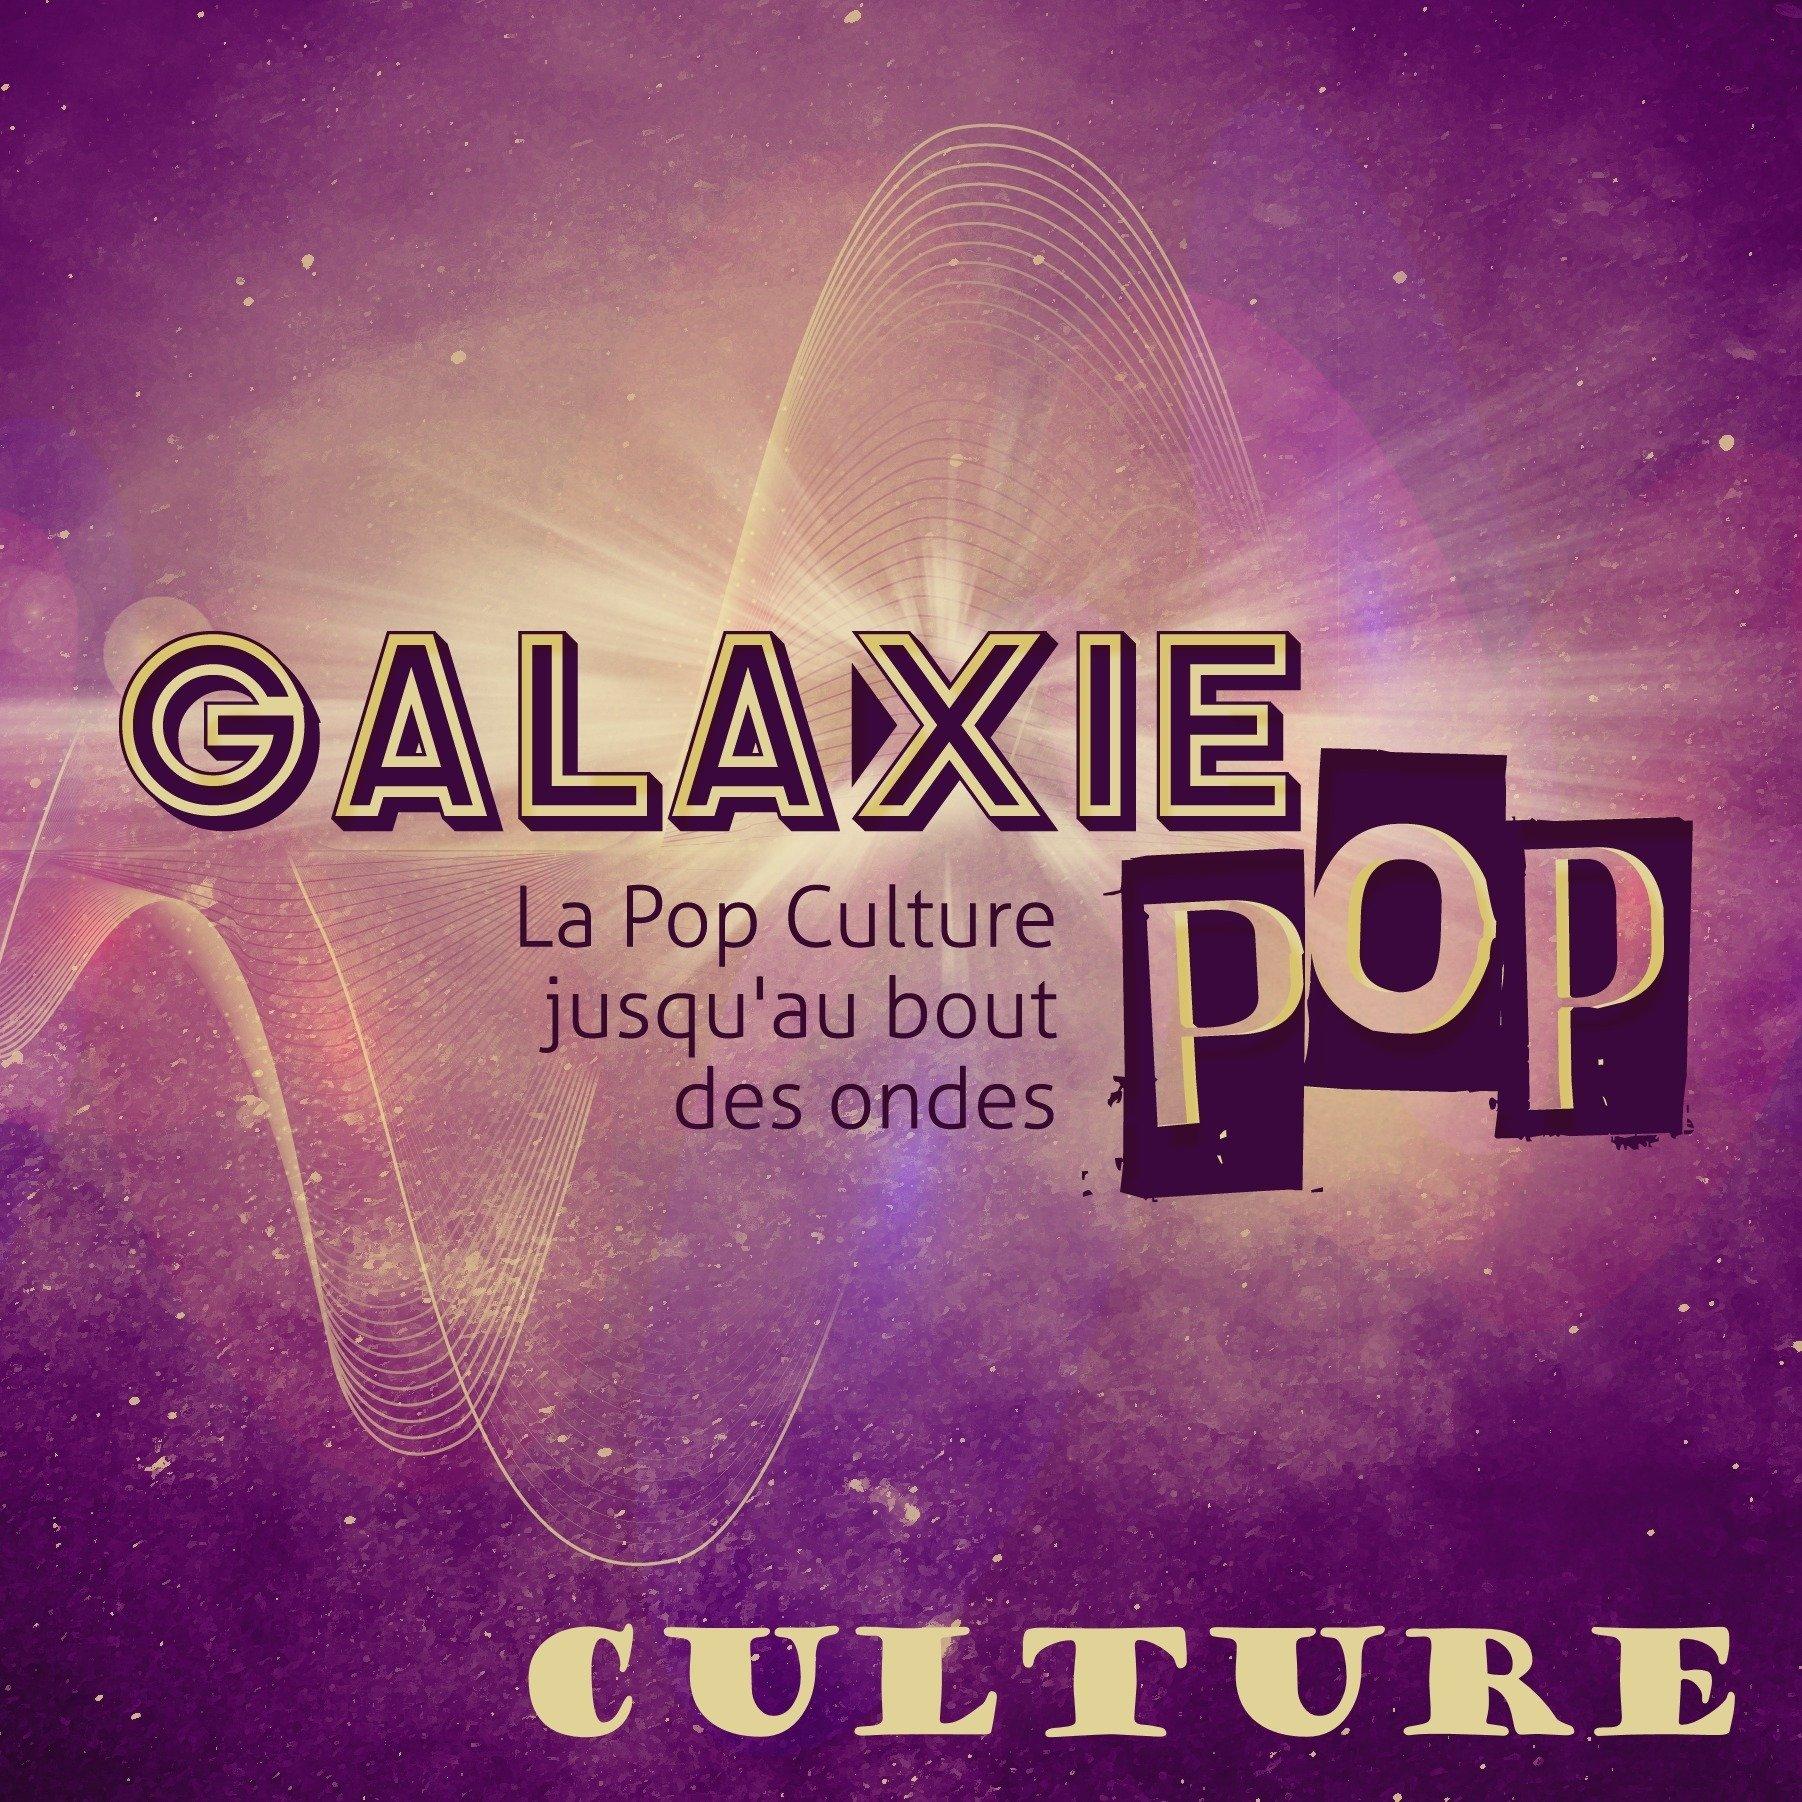 Galaxie Pop Culture